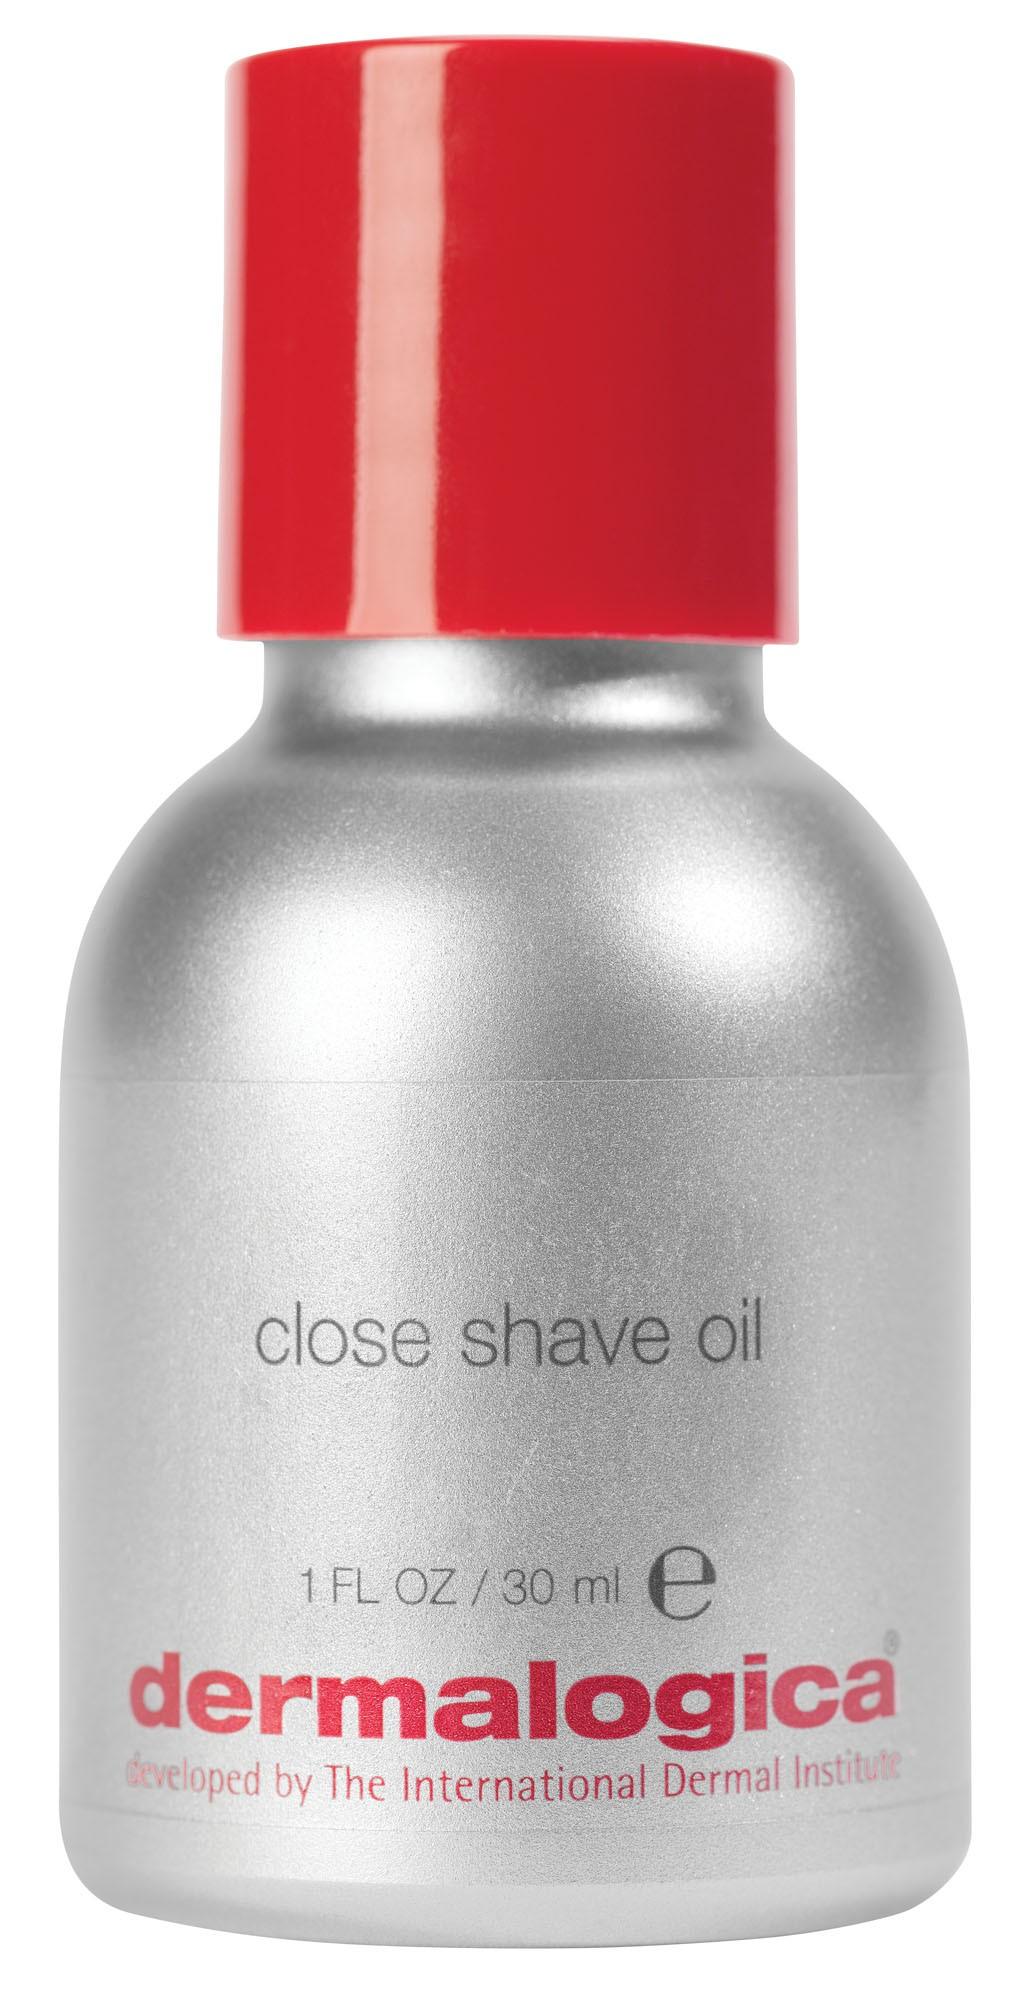 DERMALOGICA Масло для бритья / Close Shave Oil MENS SHAVE 30млДля бритья<br>Масло для бритья Close Shave Oil от инновационного косметического бренда Dermalogica обеспечивает идеальное скольжение бритвы, а, следовательно, гладкое и безопасное бритье. Благодаря витаминизированной прозрачной формуле, средство бережно питает кожу, успокаивает, устраняет дискомфортные ощущения, обладает антимикробным и антибактериальным действием. Натуральные масла, вошедшие в состав, оказывают тонизирующее, укрепляющее действие и укрепляют защитный липидный слой кожи, часто повреждаемый во время бритья.  Активные ингредиенты: Силиконы, камфара, масло листьев чайного дерева, масло каепутового дерева, масло соевых бобов.  Способ применения: Нанесите небольшое количество средства на влажную ладонь и равномерно распределите по влажной коже в области бритья. Бреясь, старайтесь часто споласкивать бритву. После бритья умойтесь теплой водой.<br><br>Пол: Мужской